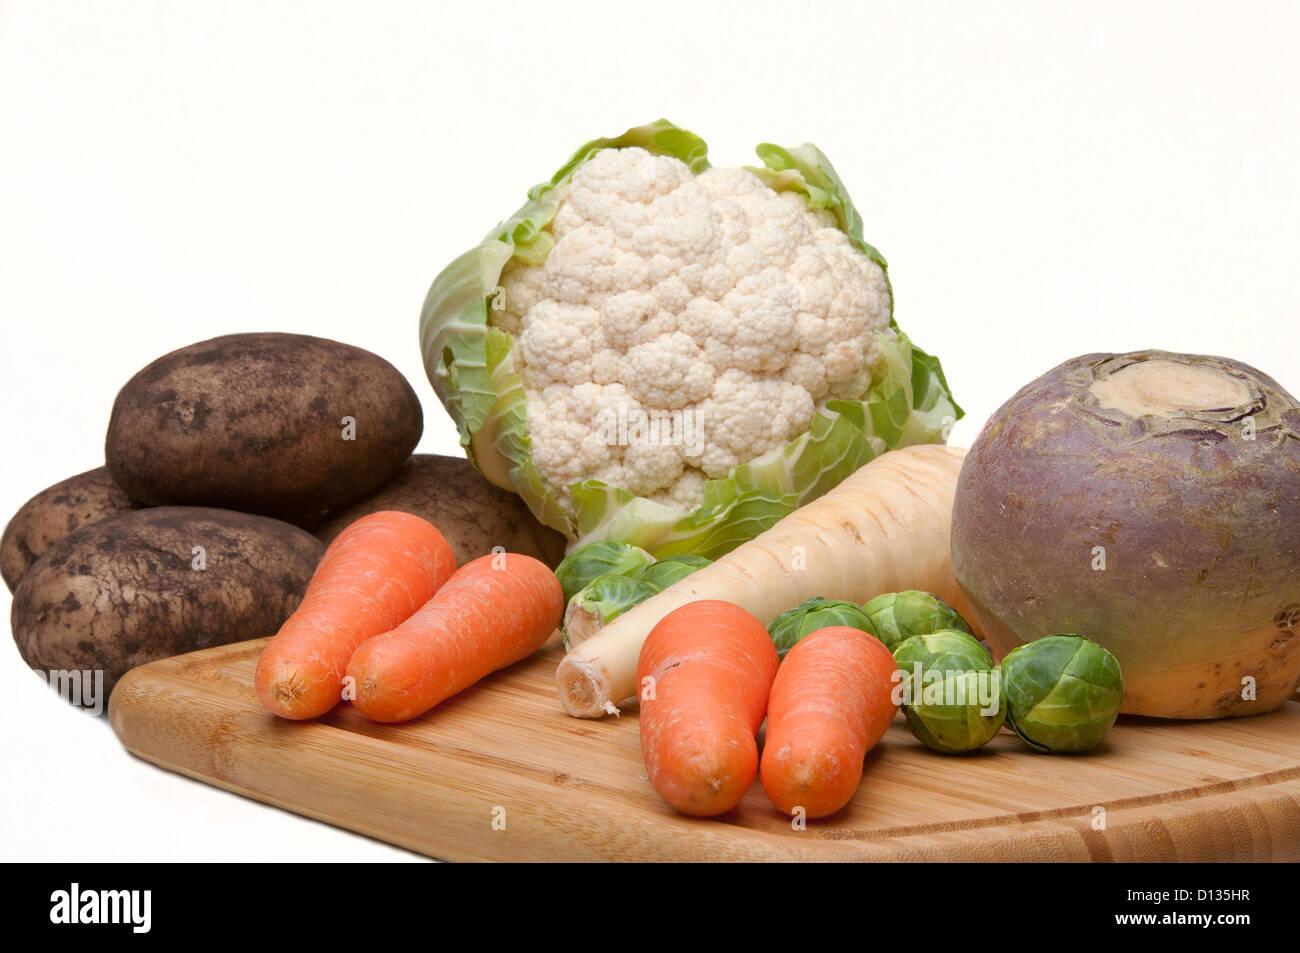 Una selezione di verdure invernali compresi svedese,pastinaca,carote, Brussel, patate e cavolfiore su sfondo bianco Immagini Stock